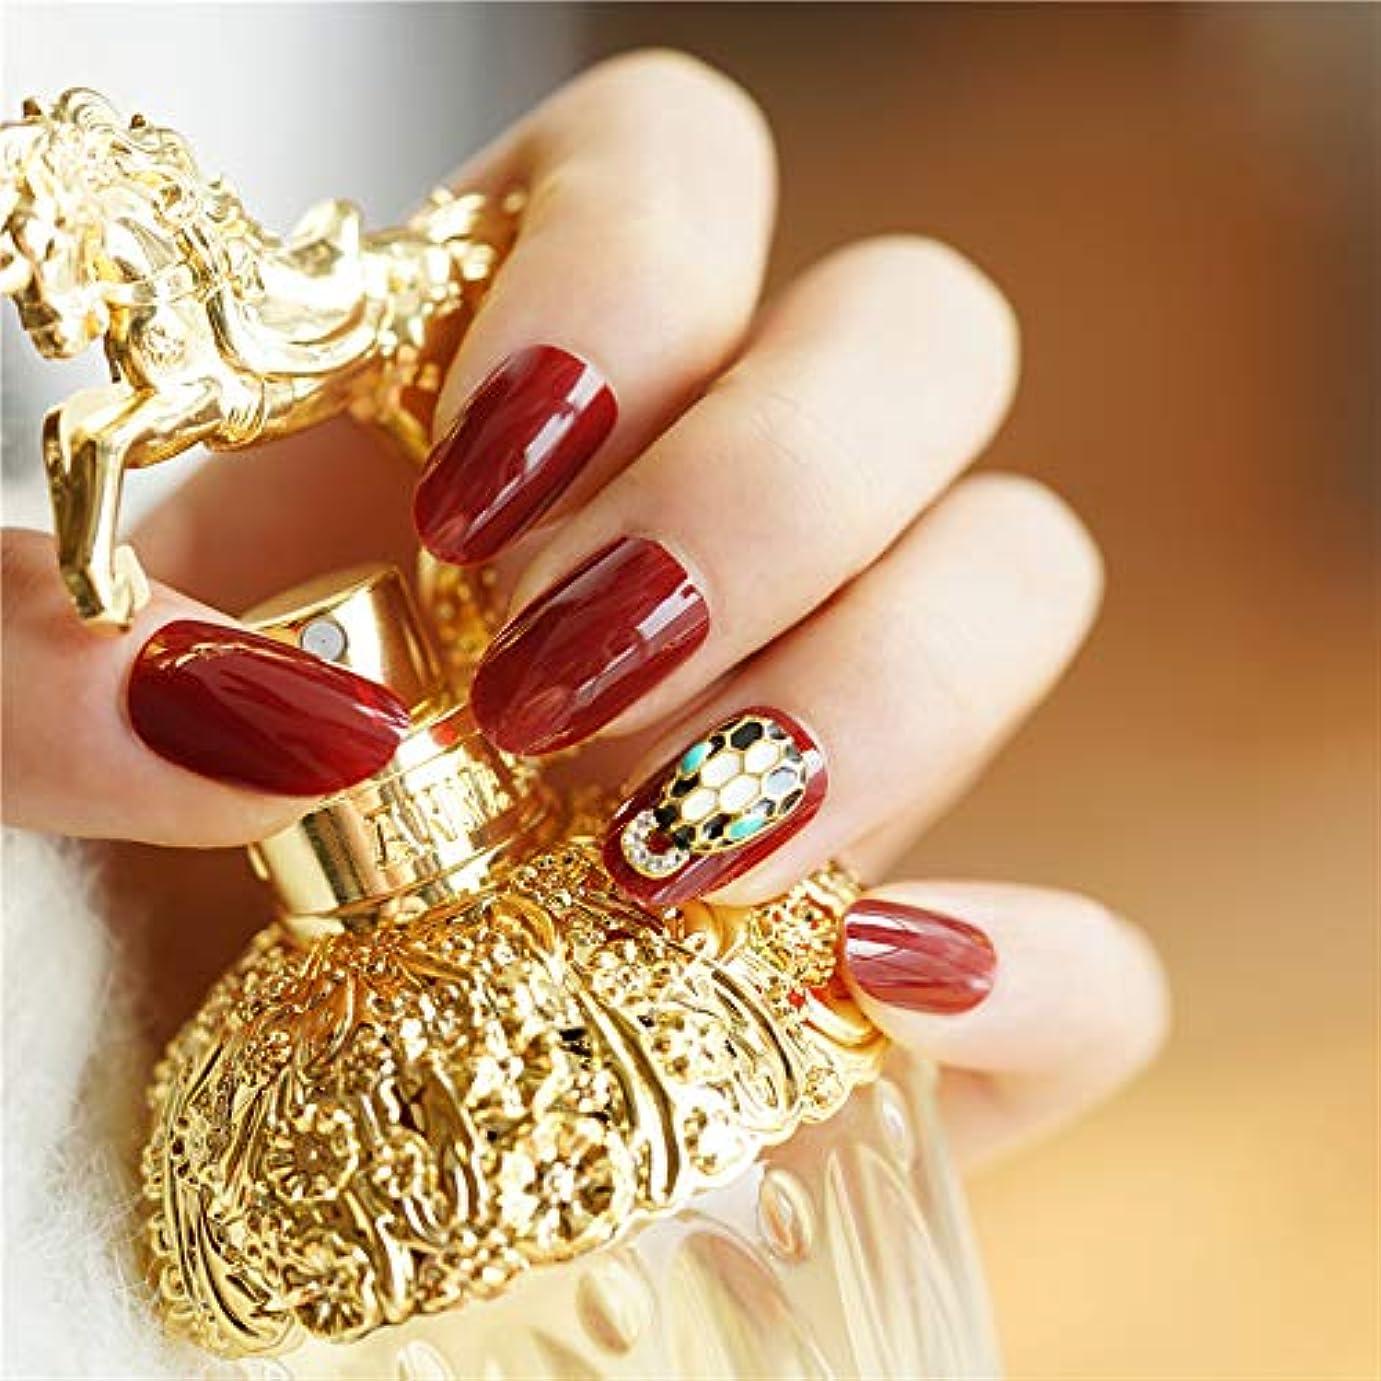 破裂結果徴収24枚セット ネイルチップ 付け爪 お嫁さんつけ爪 ネイルシール 3D可愛い飾り 爪先金回し 水しいピンク色変化デザインネイルチップ (ワインレッド)